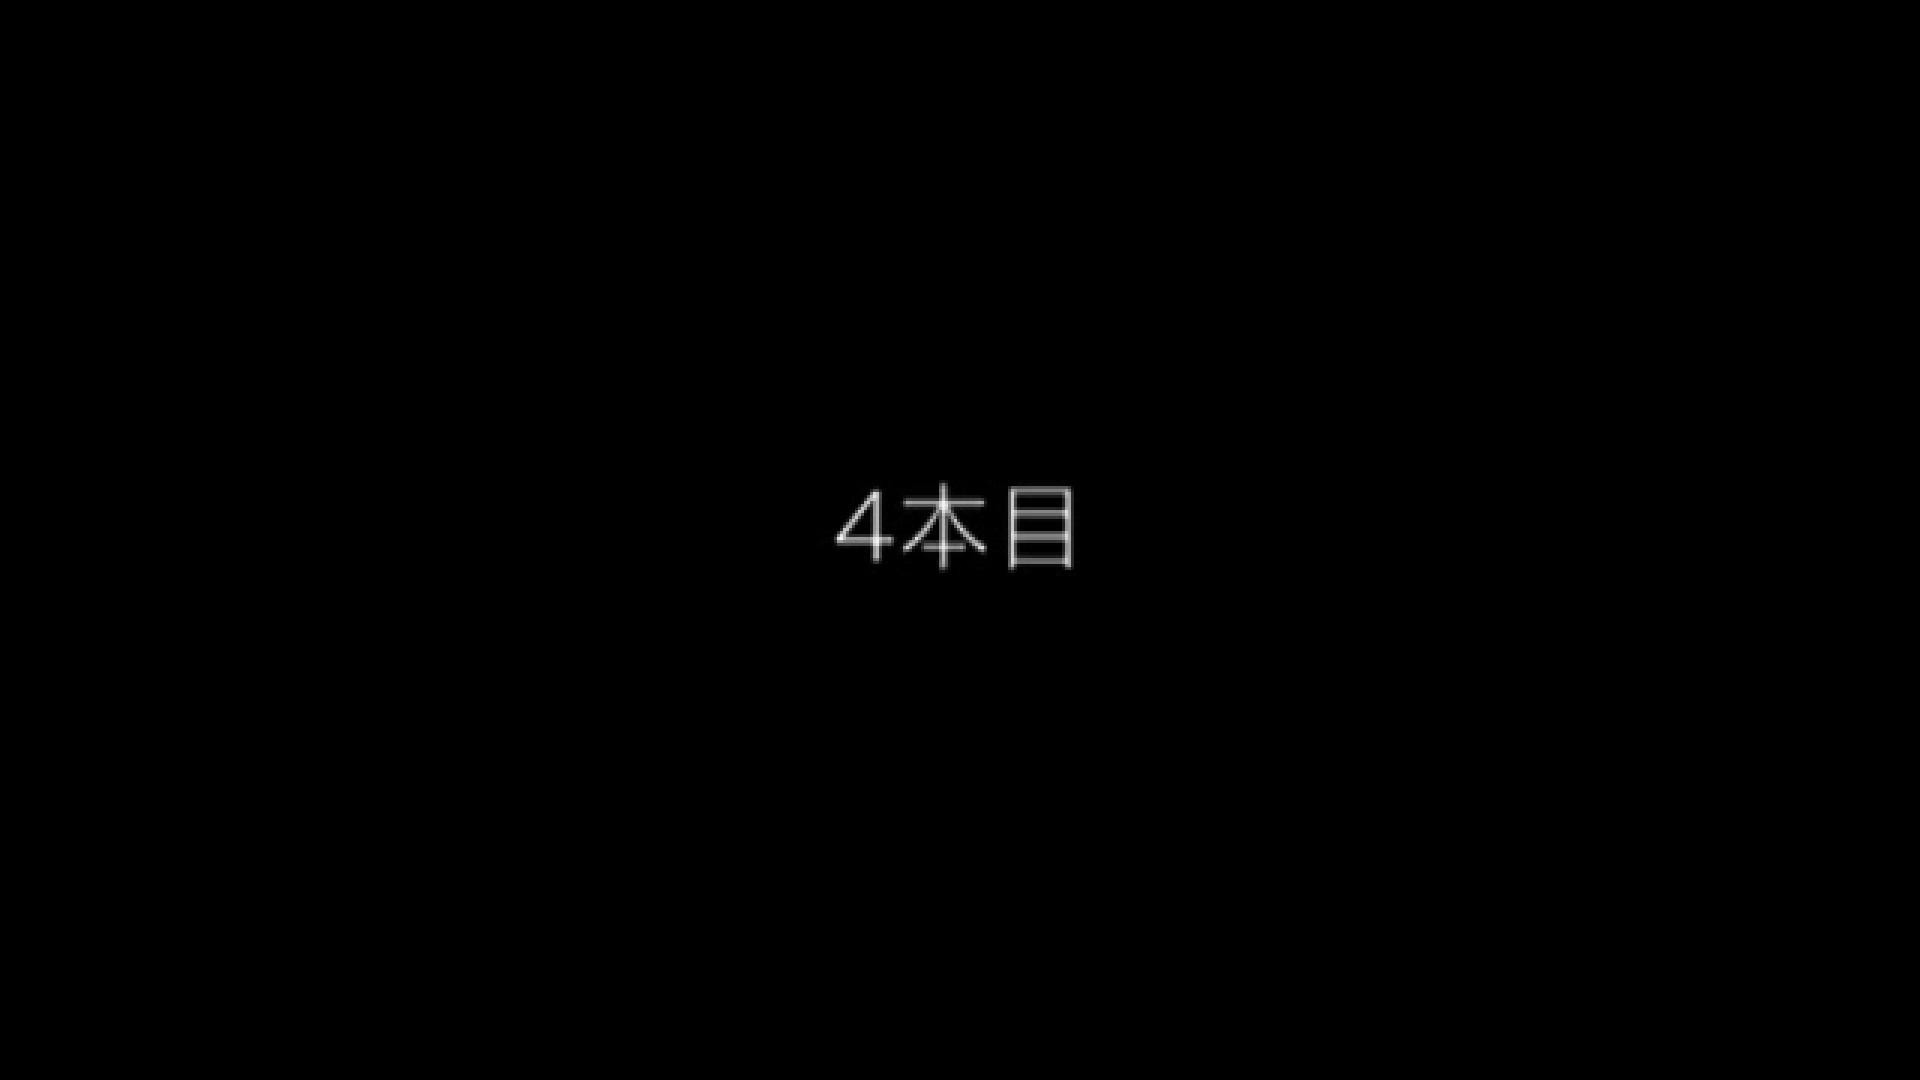 ドラゴン2世 チャラ男の個人撮影 Vol.18 超かわいい彼女 ゆいか 18才 Part.09 未公開4作品 セックスエロ動画 | 素人見放題  105PIX 87